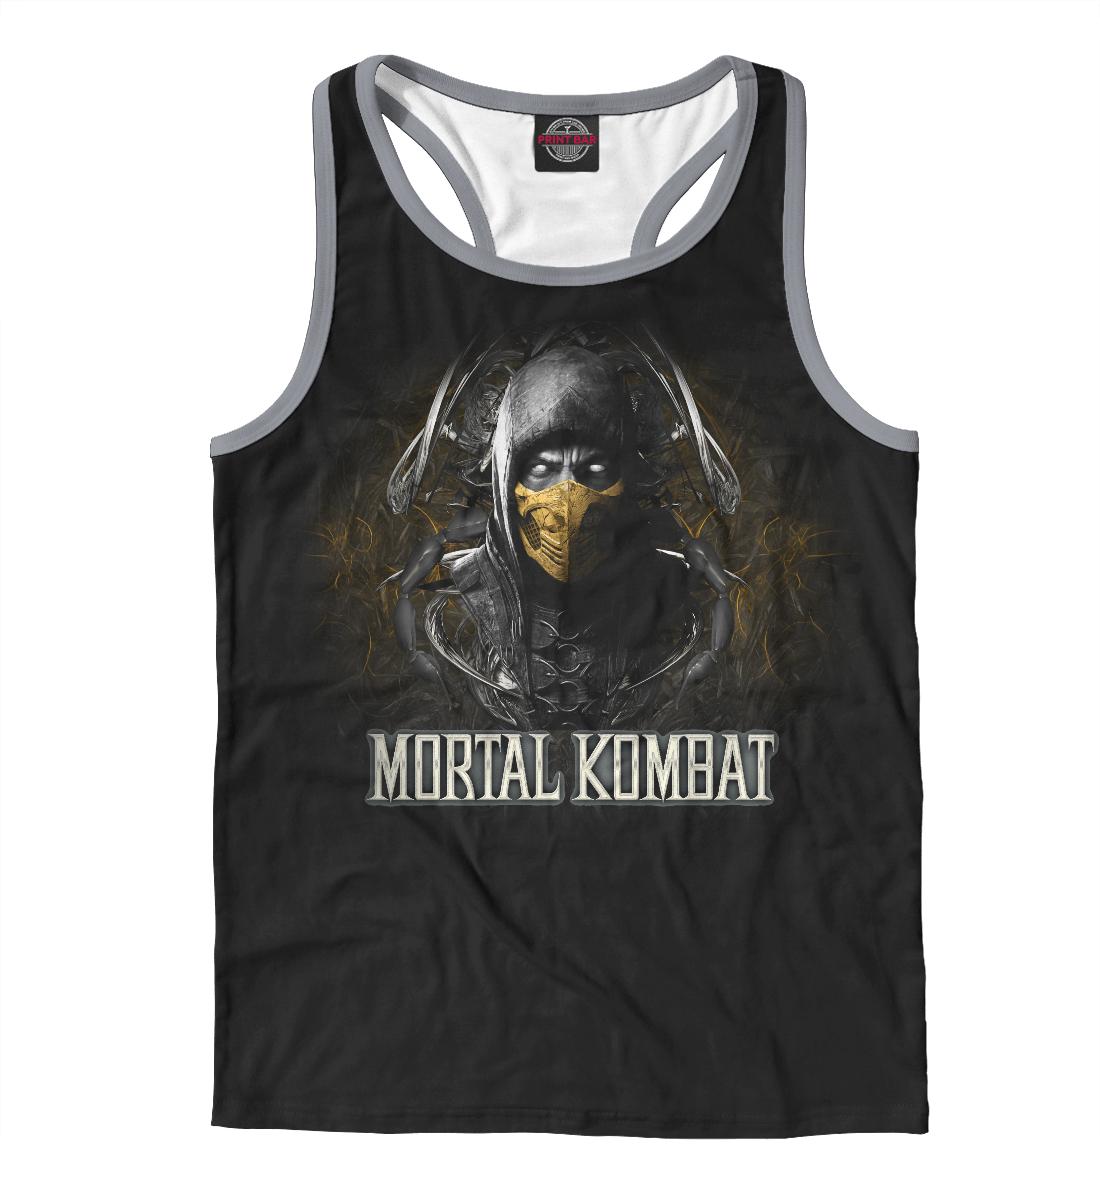 Купить Mortal Kombat, Printbar, Майки борцовки, MKB-955546-mayb-2